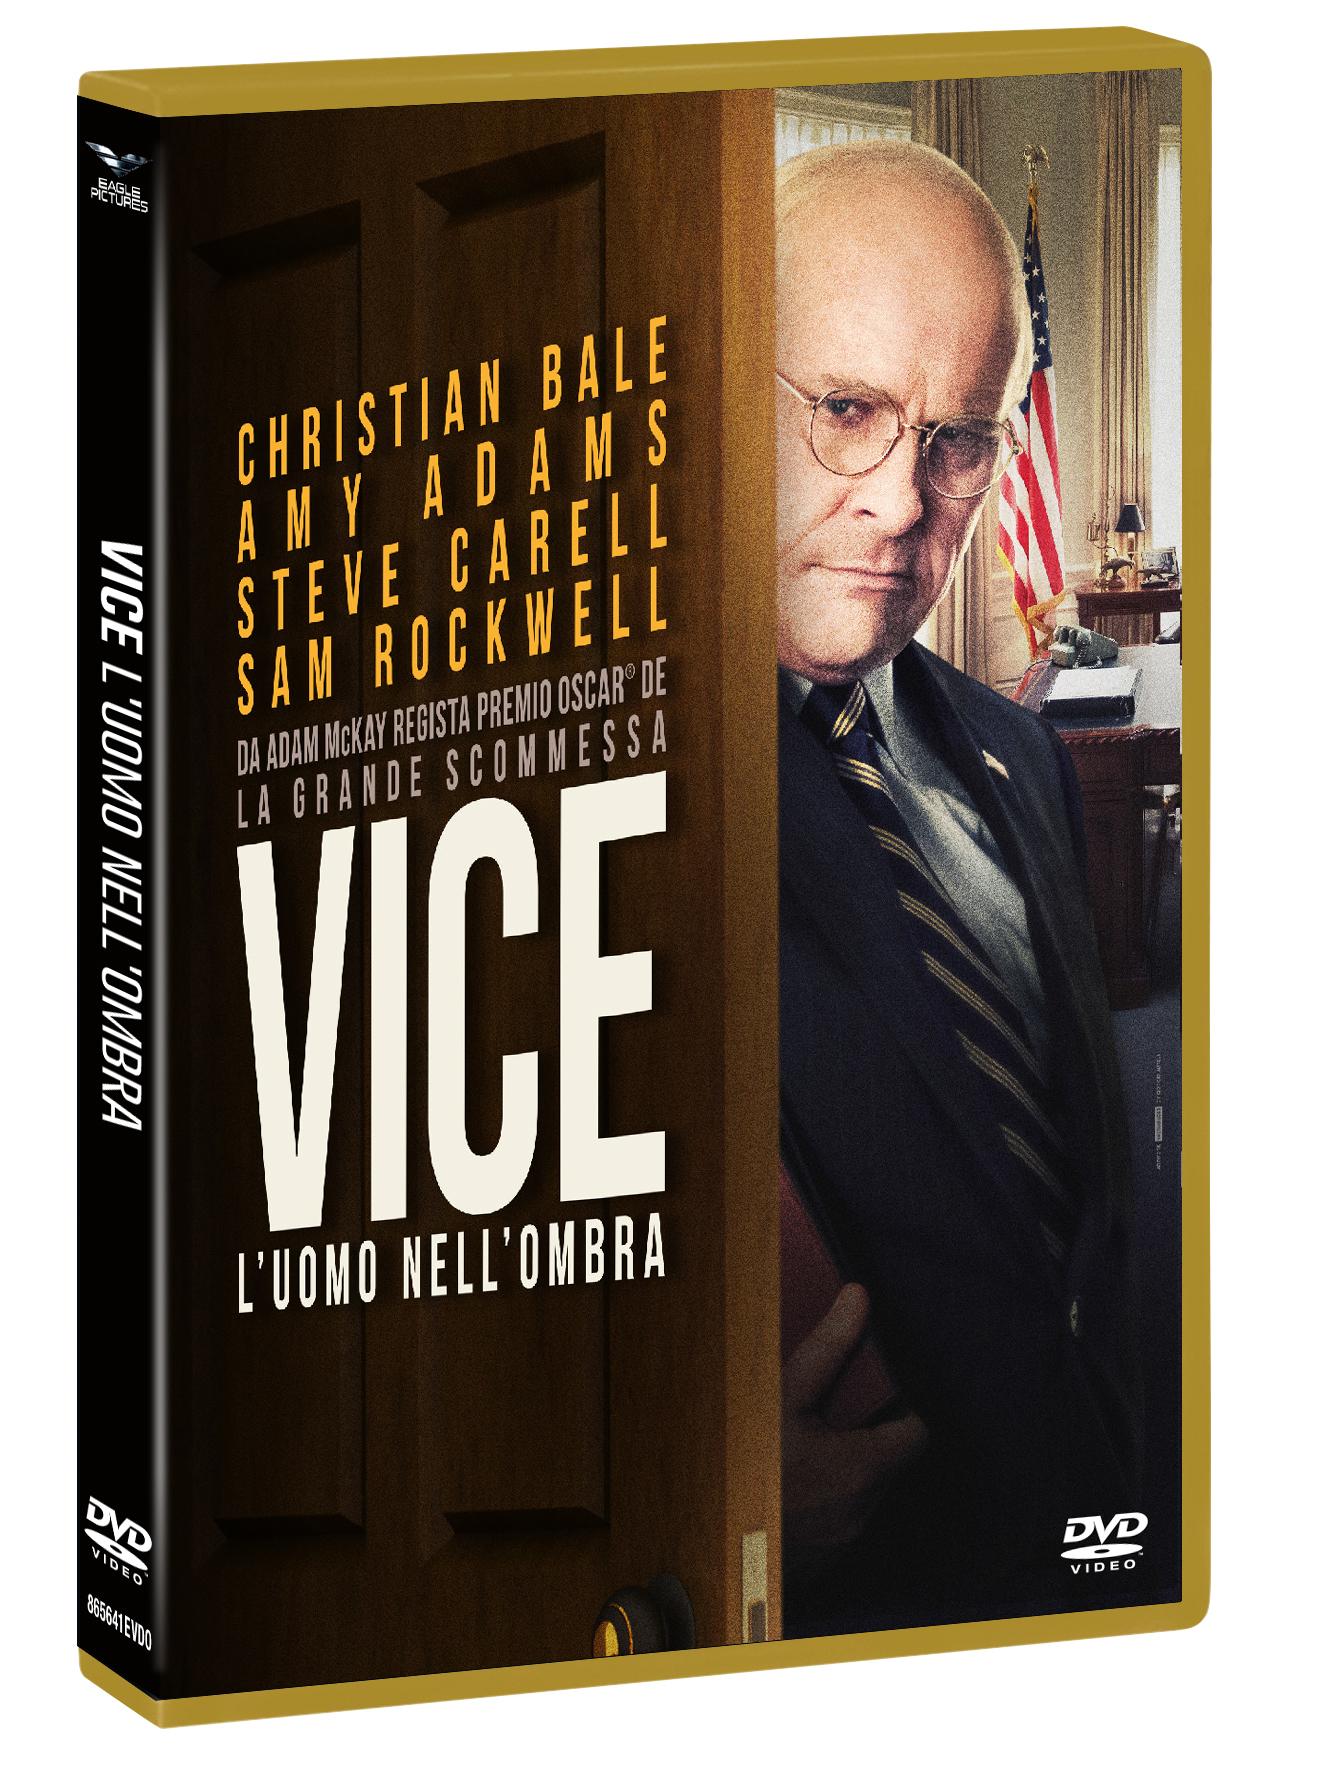 VICE - L'UOMO NELL'OMBRA (DVD)